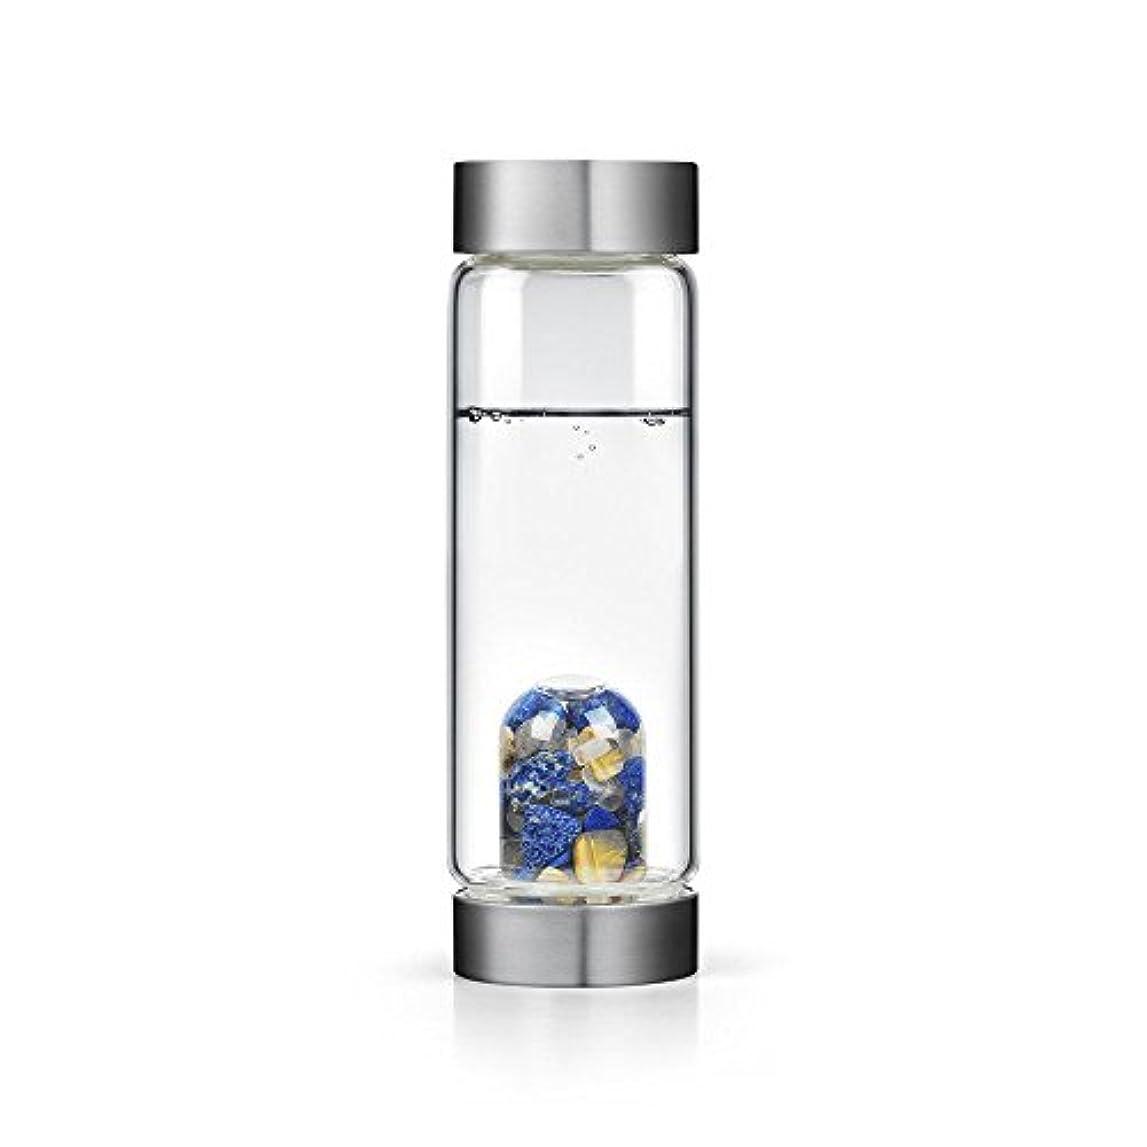 アンタゴニストリズミカルな消えるインスピレーションgem-waterボトルby VitaJuwel W / Freeカリフォルニアホワイトセージバンドル 16.9 fl oz